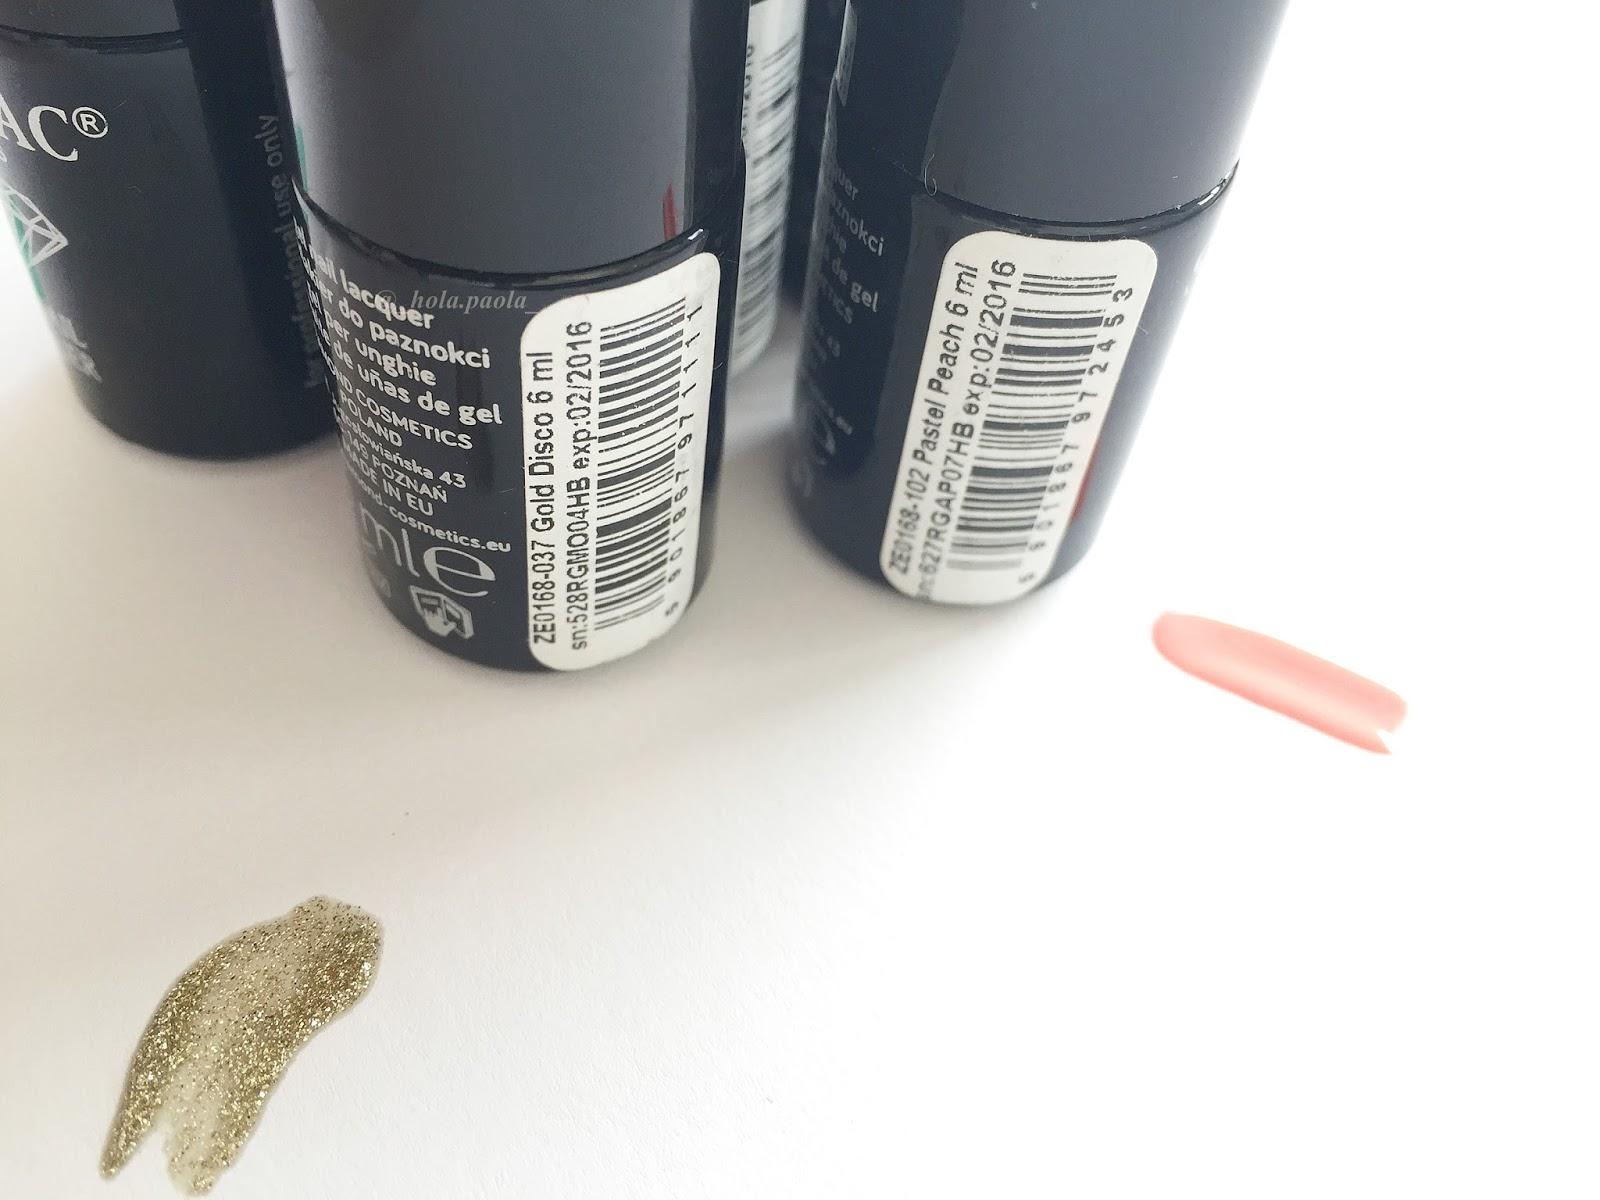 czy lakiery tracą ważność termin ważności hybrydy semilac przeterminowane lakiery hybrydowe czy sa bezpieczne jak ich używać gdzie kupić alergia na lakiery hybrydowe paznokcie hola paola blog opinia recenzja jak kupic lakier hybrydowy jaki wybrac ile to kosztuje